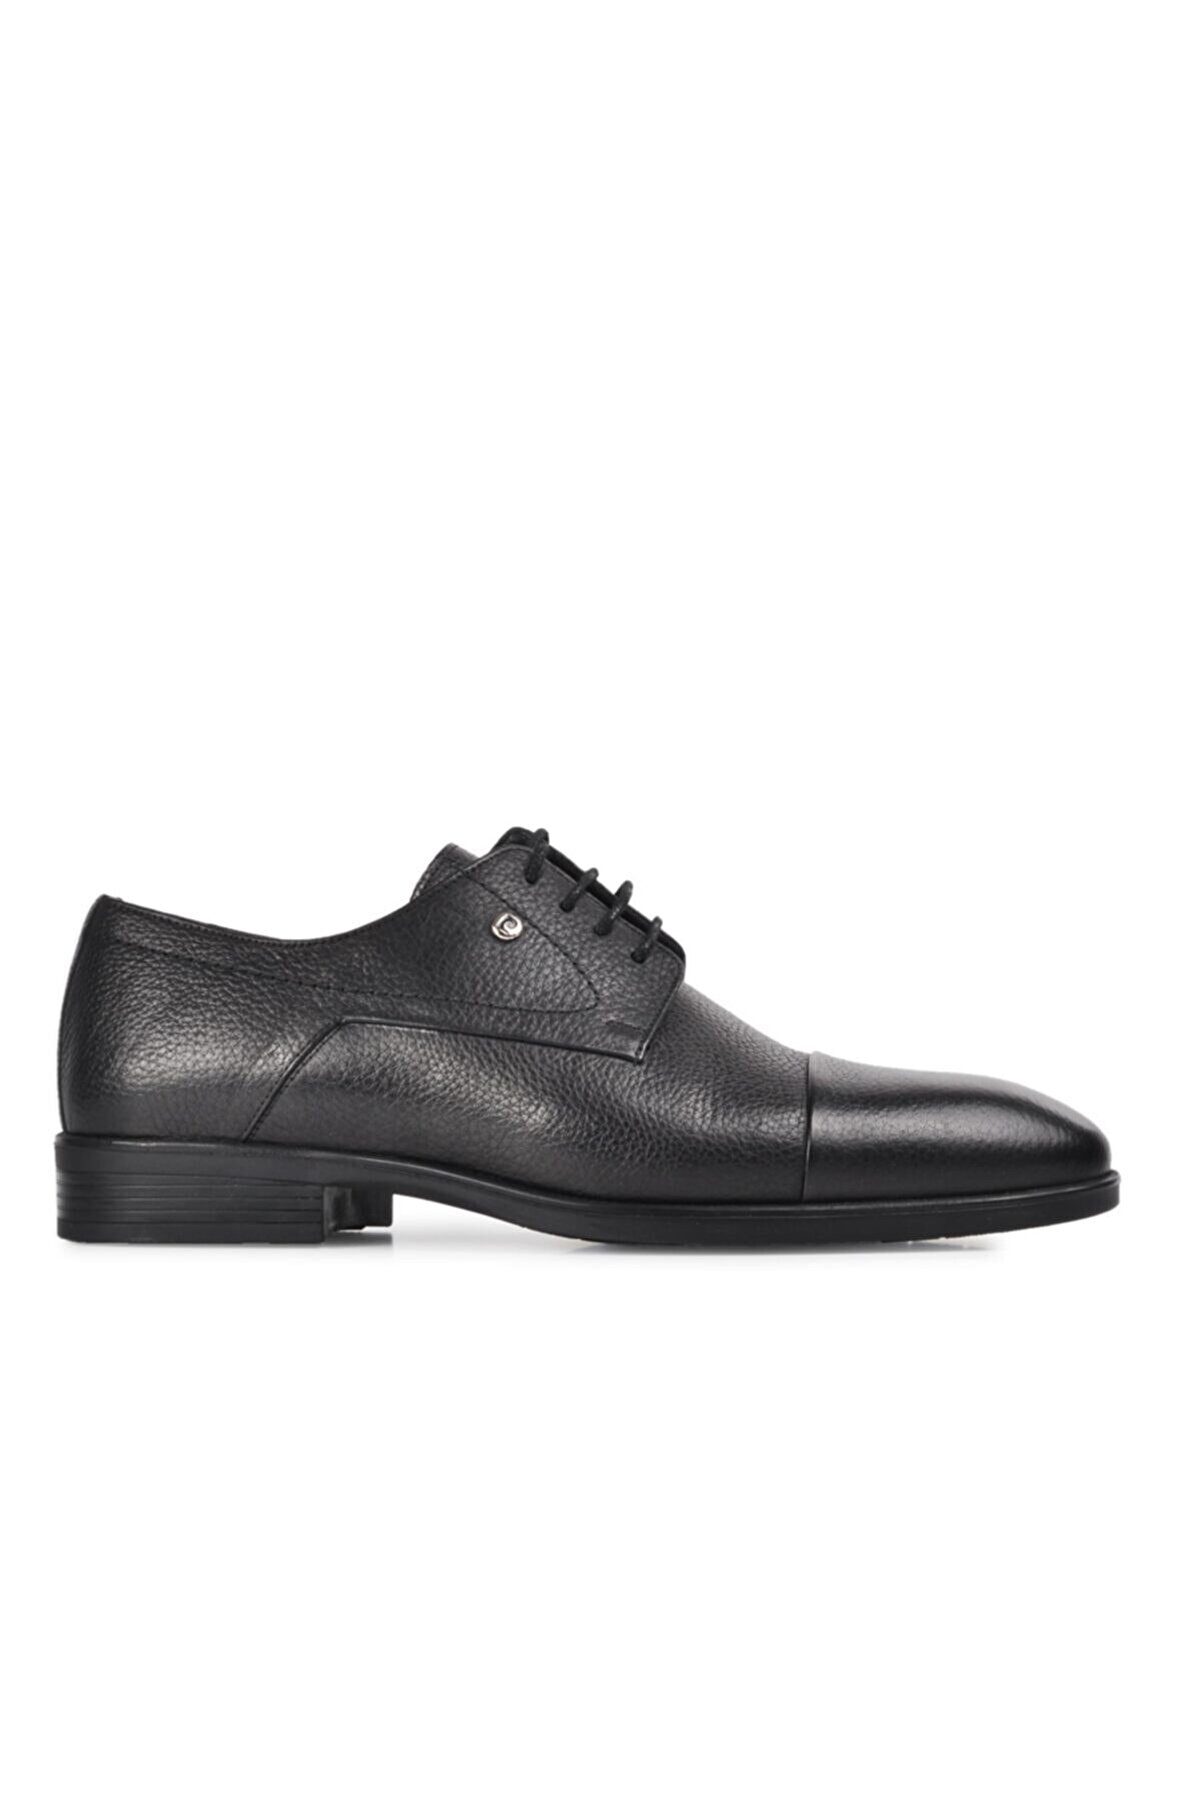 Pierre Cardin Erkek Siyah Günlük Ayakkabı